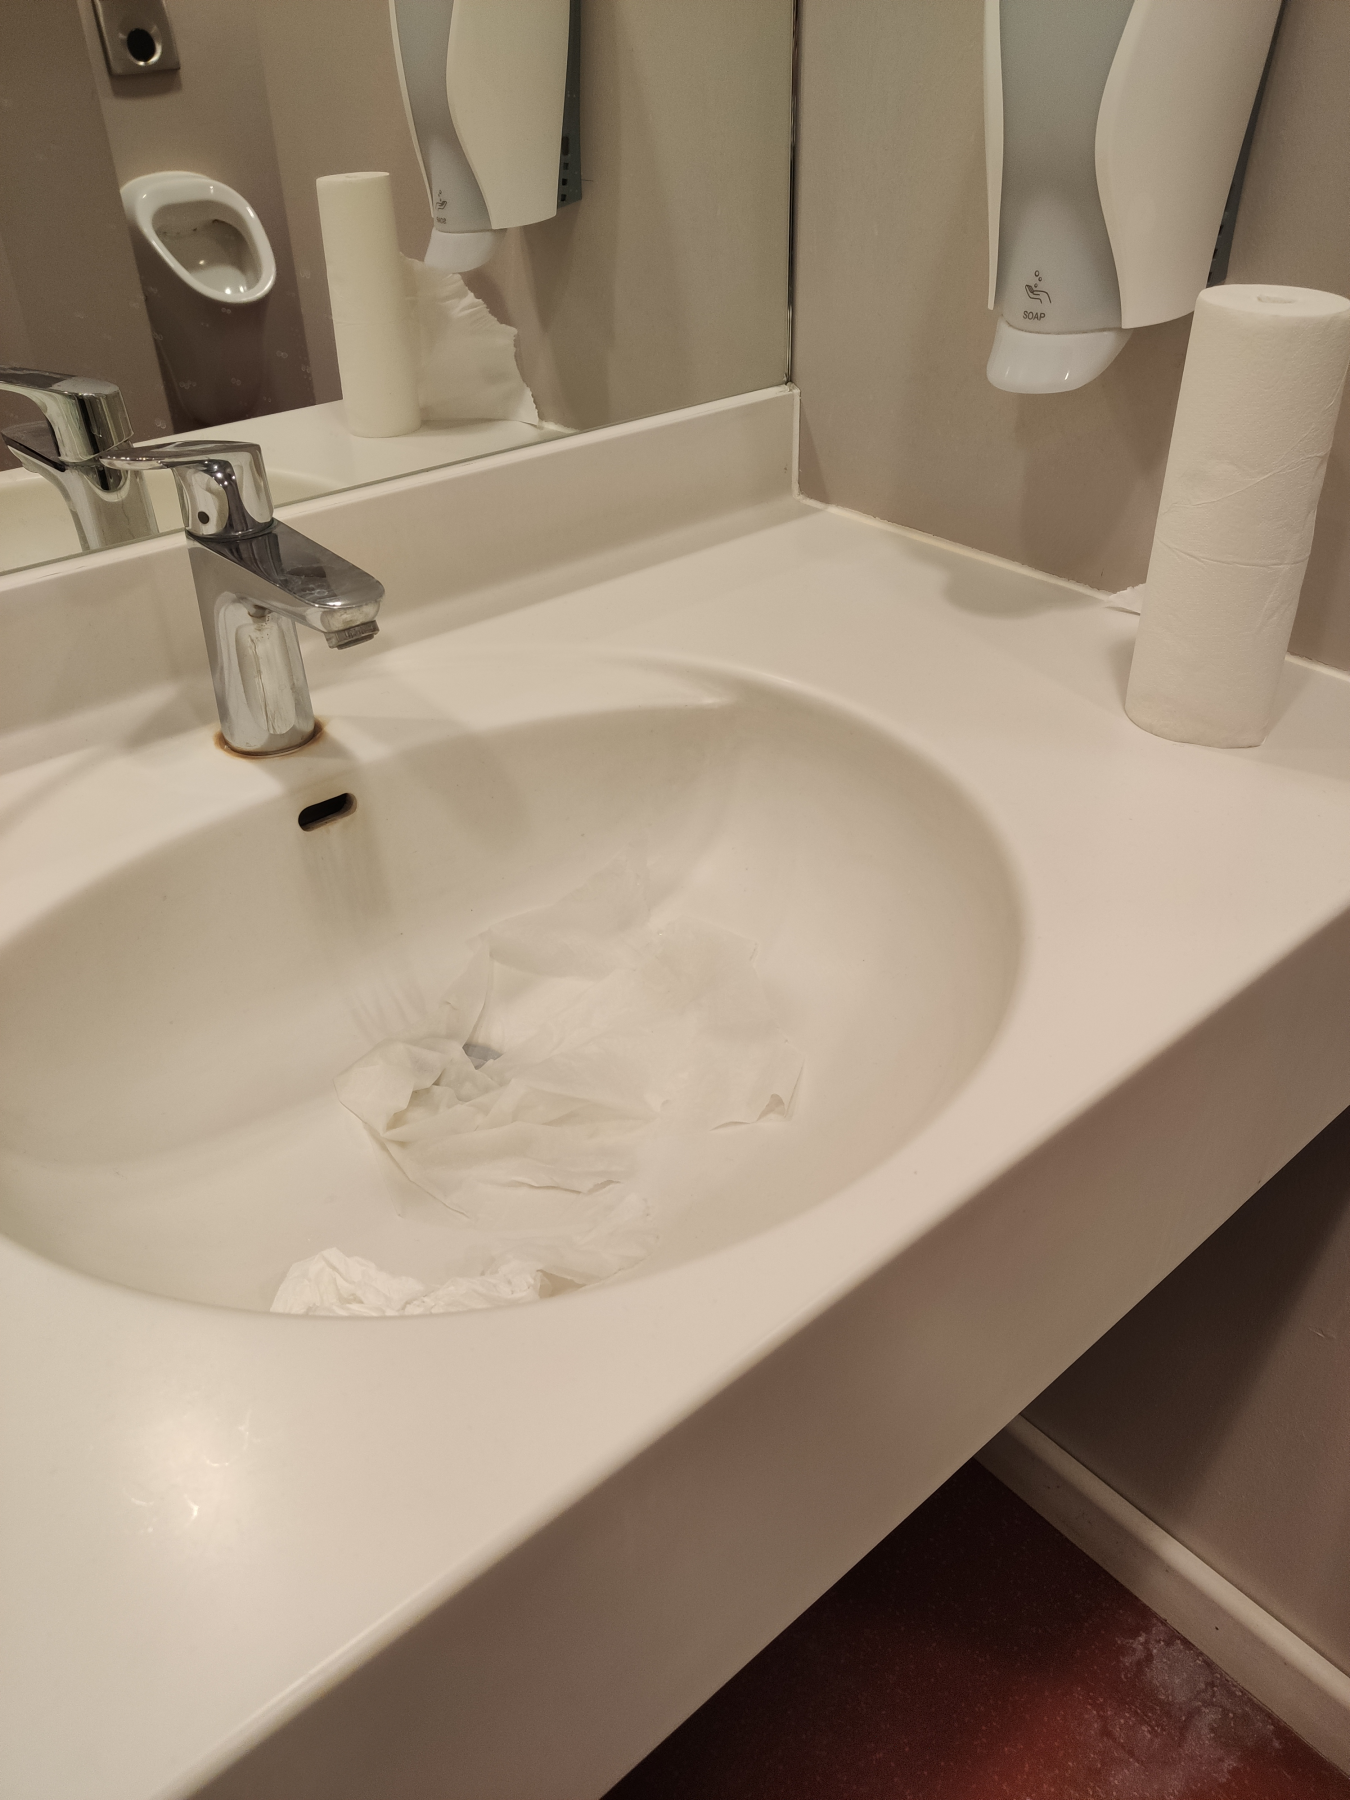 Bild eines Waschtisches, auf dem neben dem Becken eine Rolle Papiertücher steht